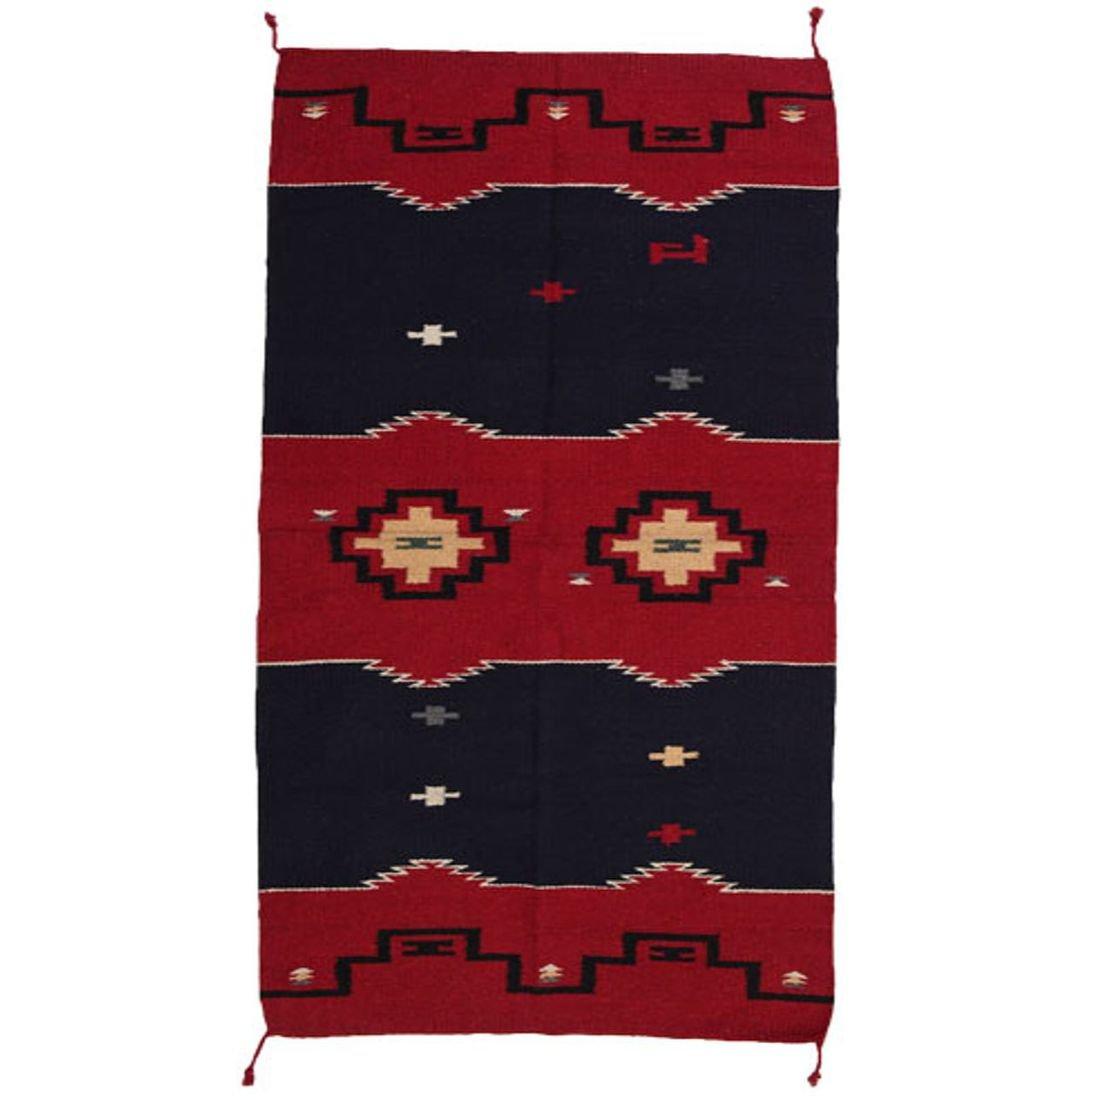 The Route 66 Shop Teppich Läufer im Stil der Navajo-Indianer - Wolle - Premium Rug III - 160x80